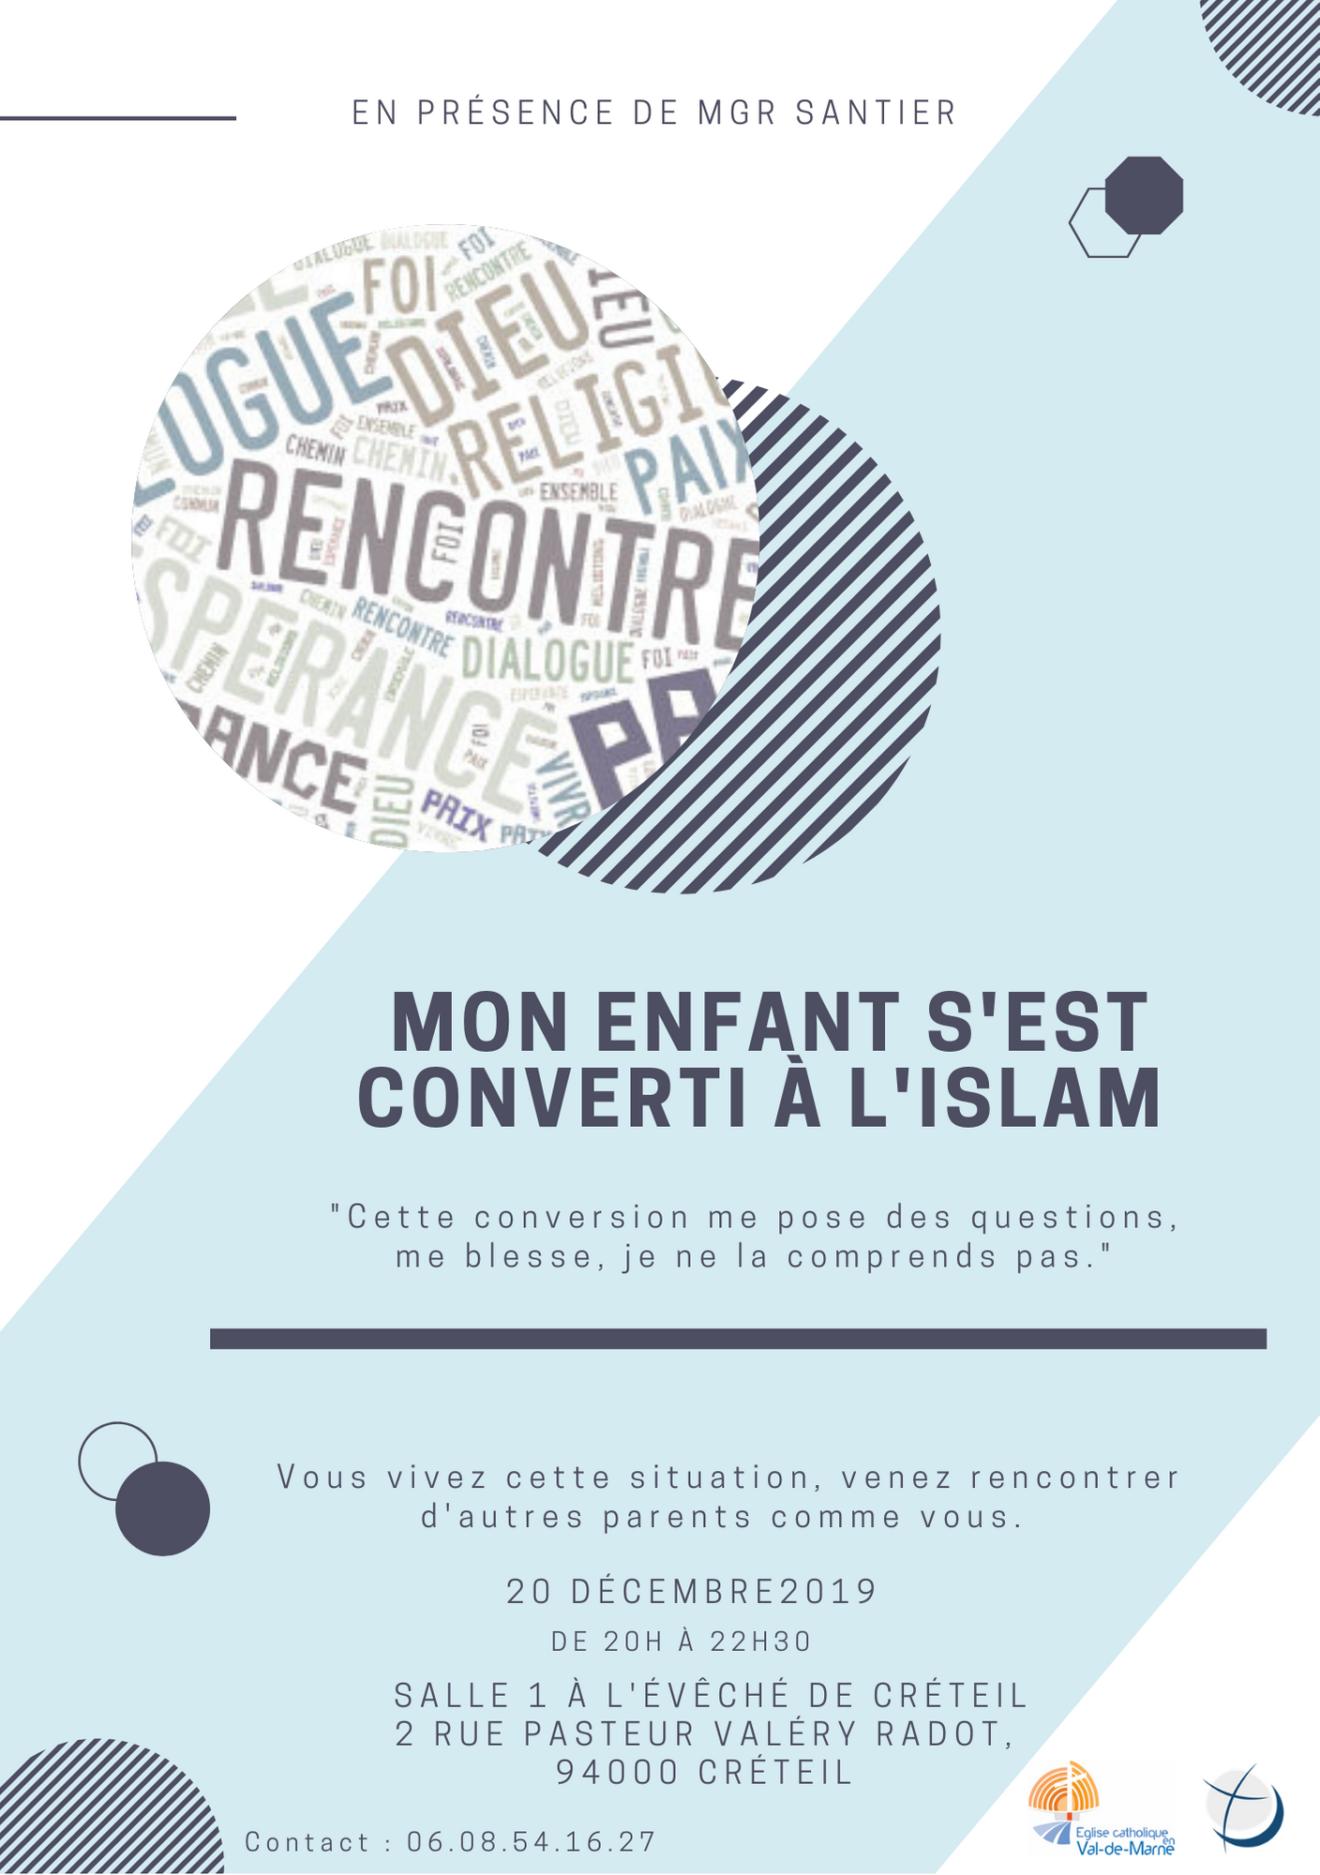 Mon enfant s'est converti à l'islam : temps de partage fraternel, le 20 décembre